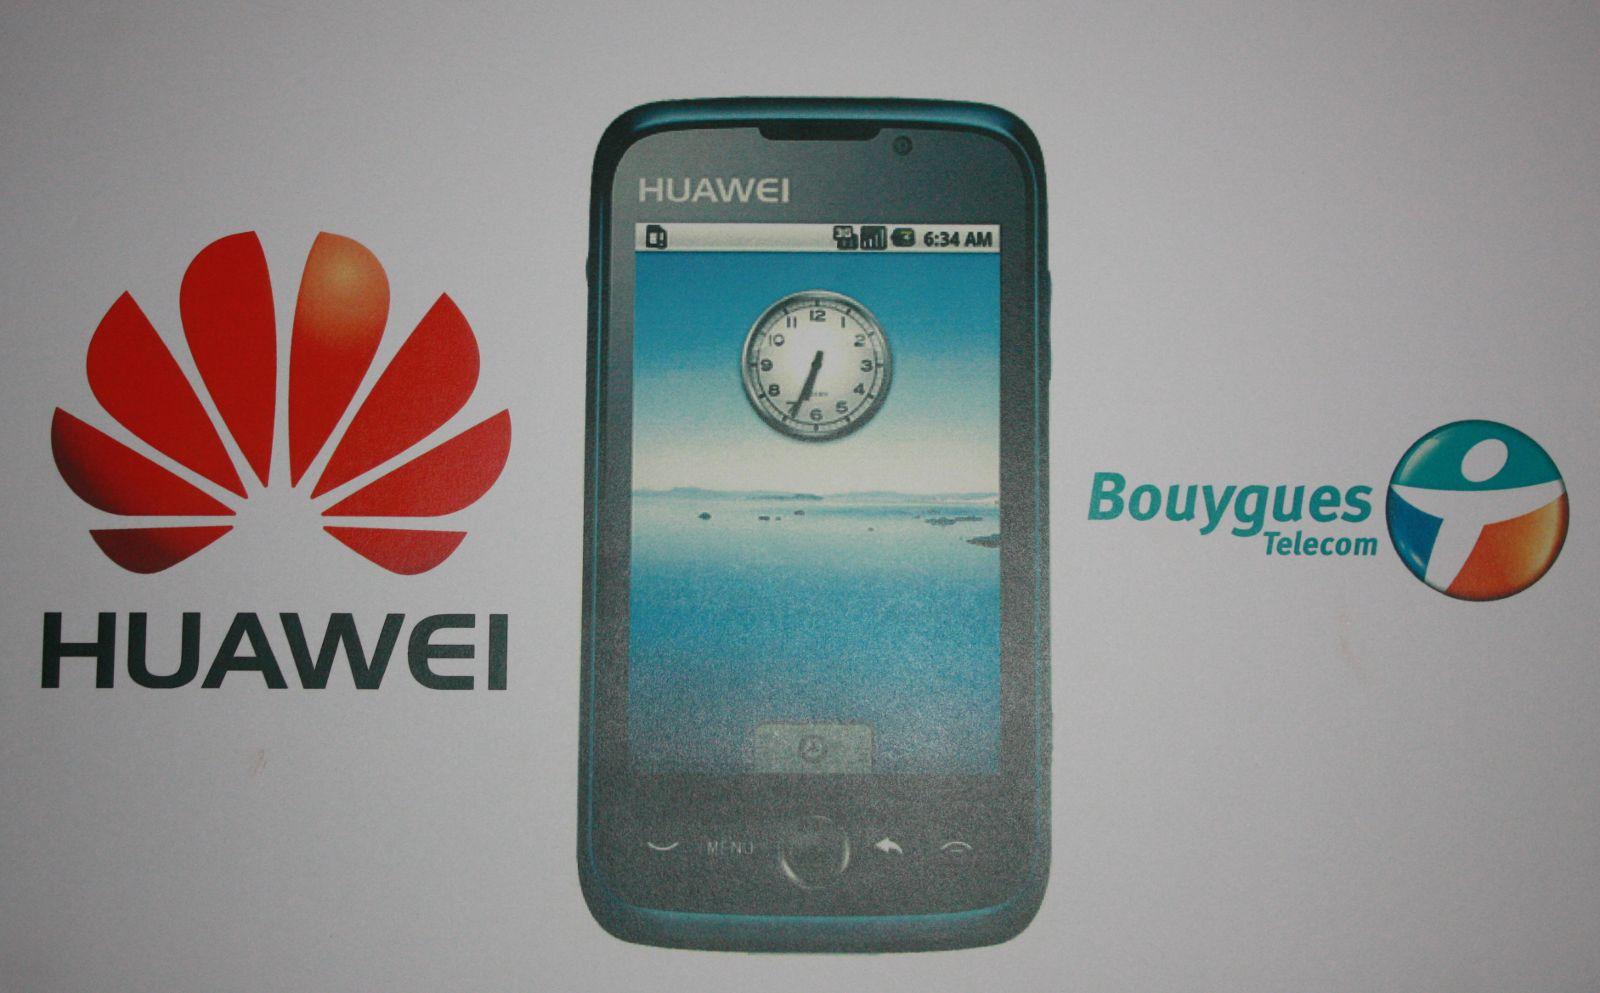 Lancement du Huawei 8230 avec Bouygues Telecom